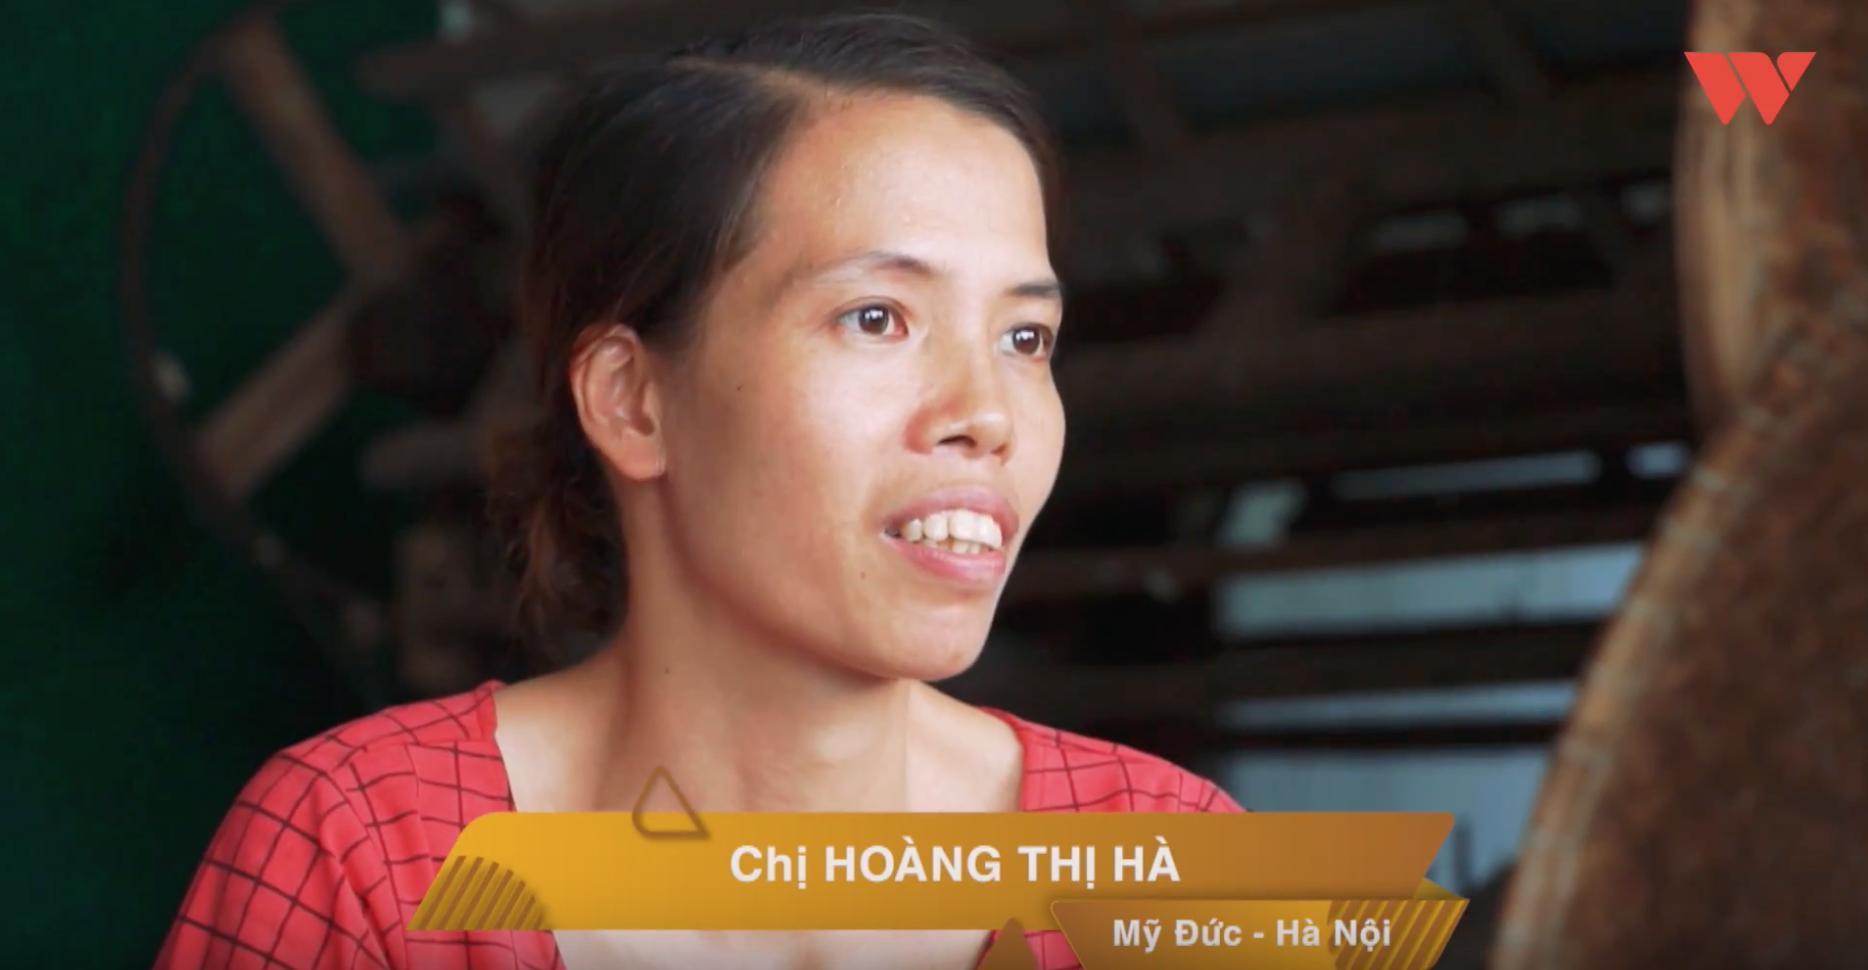 Từ chiếc khăn dệt bằng 4.800 cuống sen đến khát vọng lưu truyền nghề truyền thống của nghệ nhân Phan Thị Thuận - Ảnh 6.